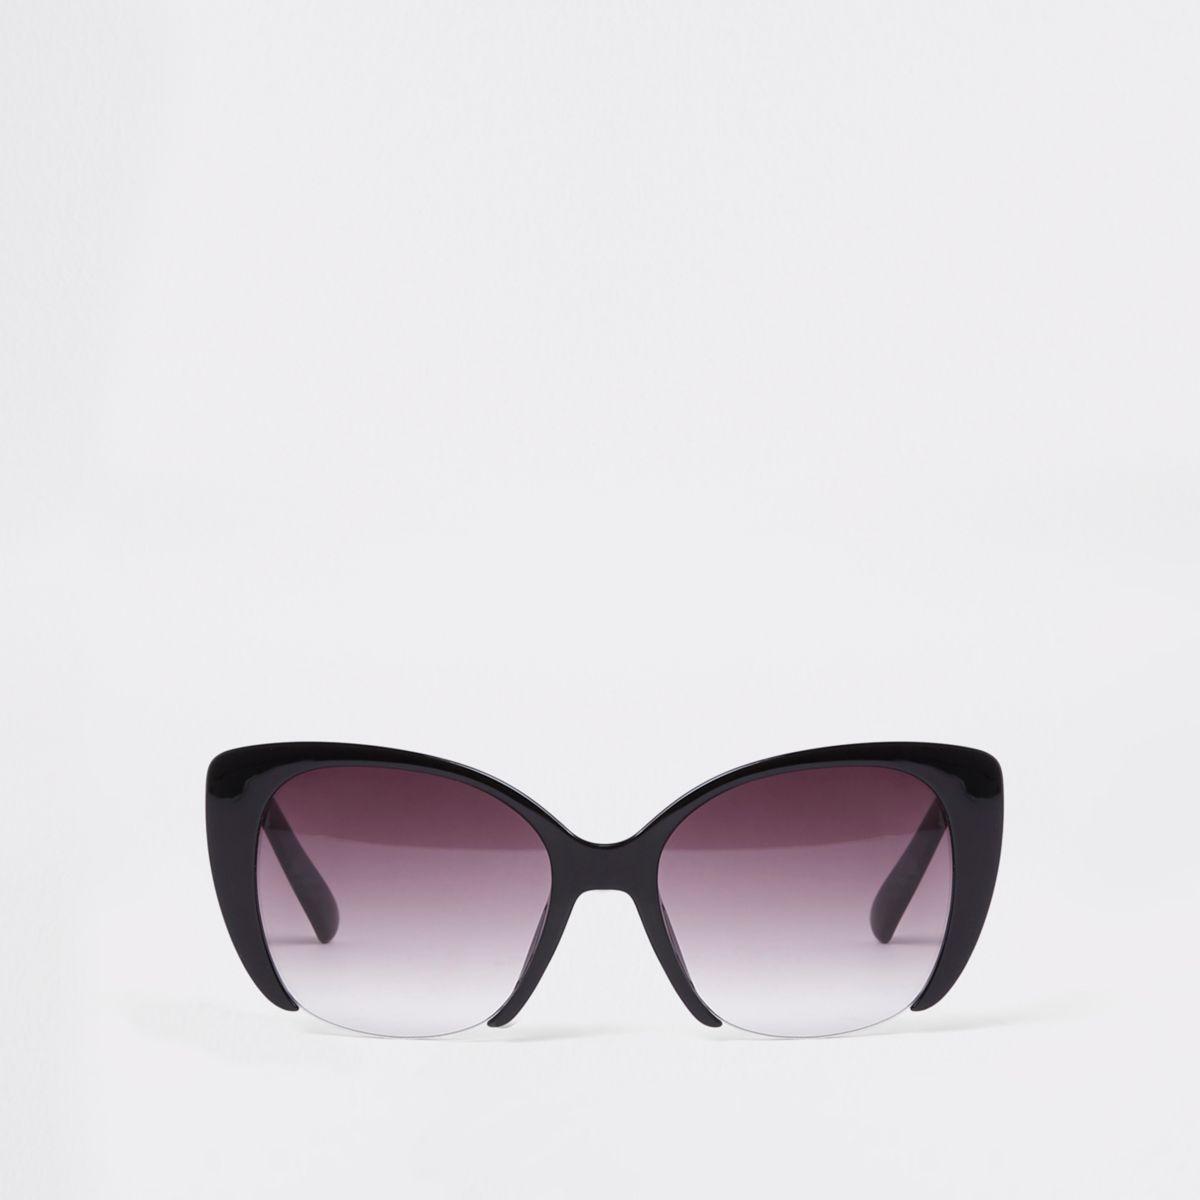 Zwarte glamoureuze zonnebril met glazen met uitsnede